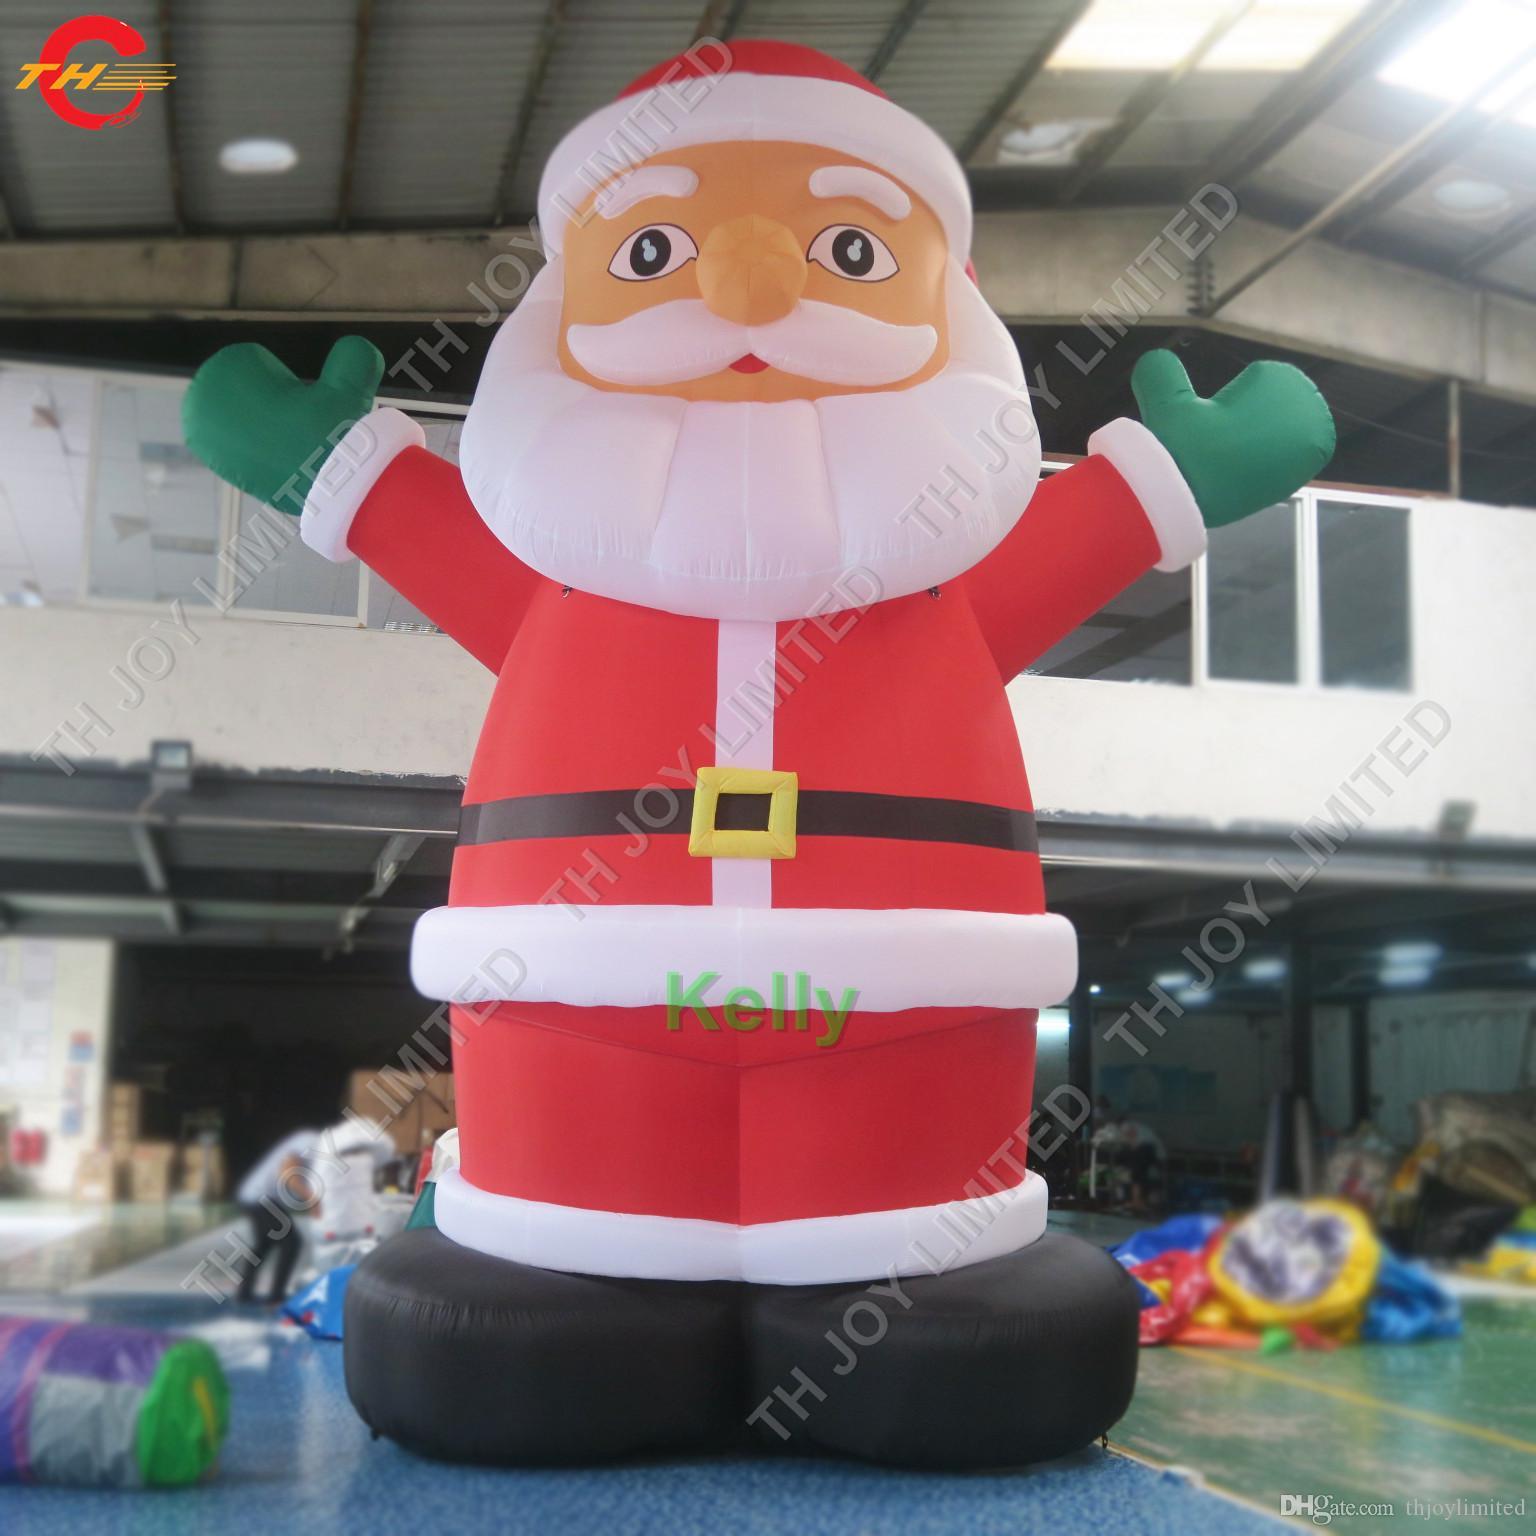 inflable gigante papá noel papá noel anciano envío aéreo gratuito a la puerta exterior inflable permanente navidad anciano